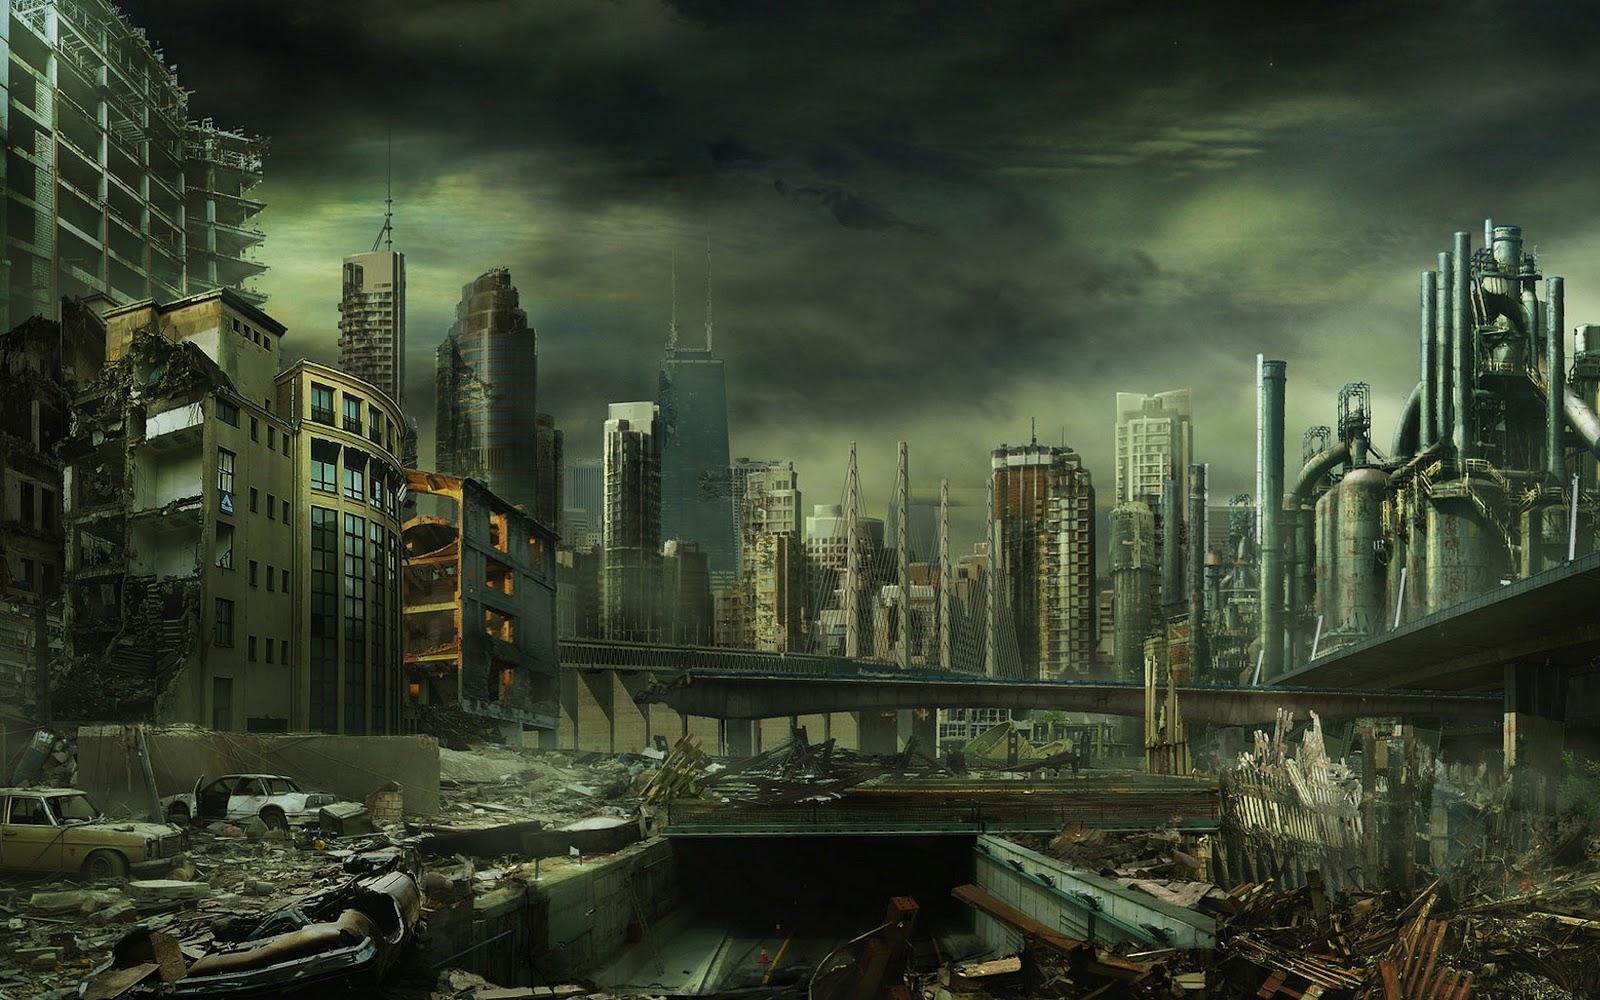 Dark City Wallpaper - WallpaperSafari